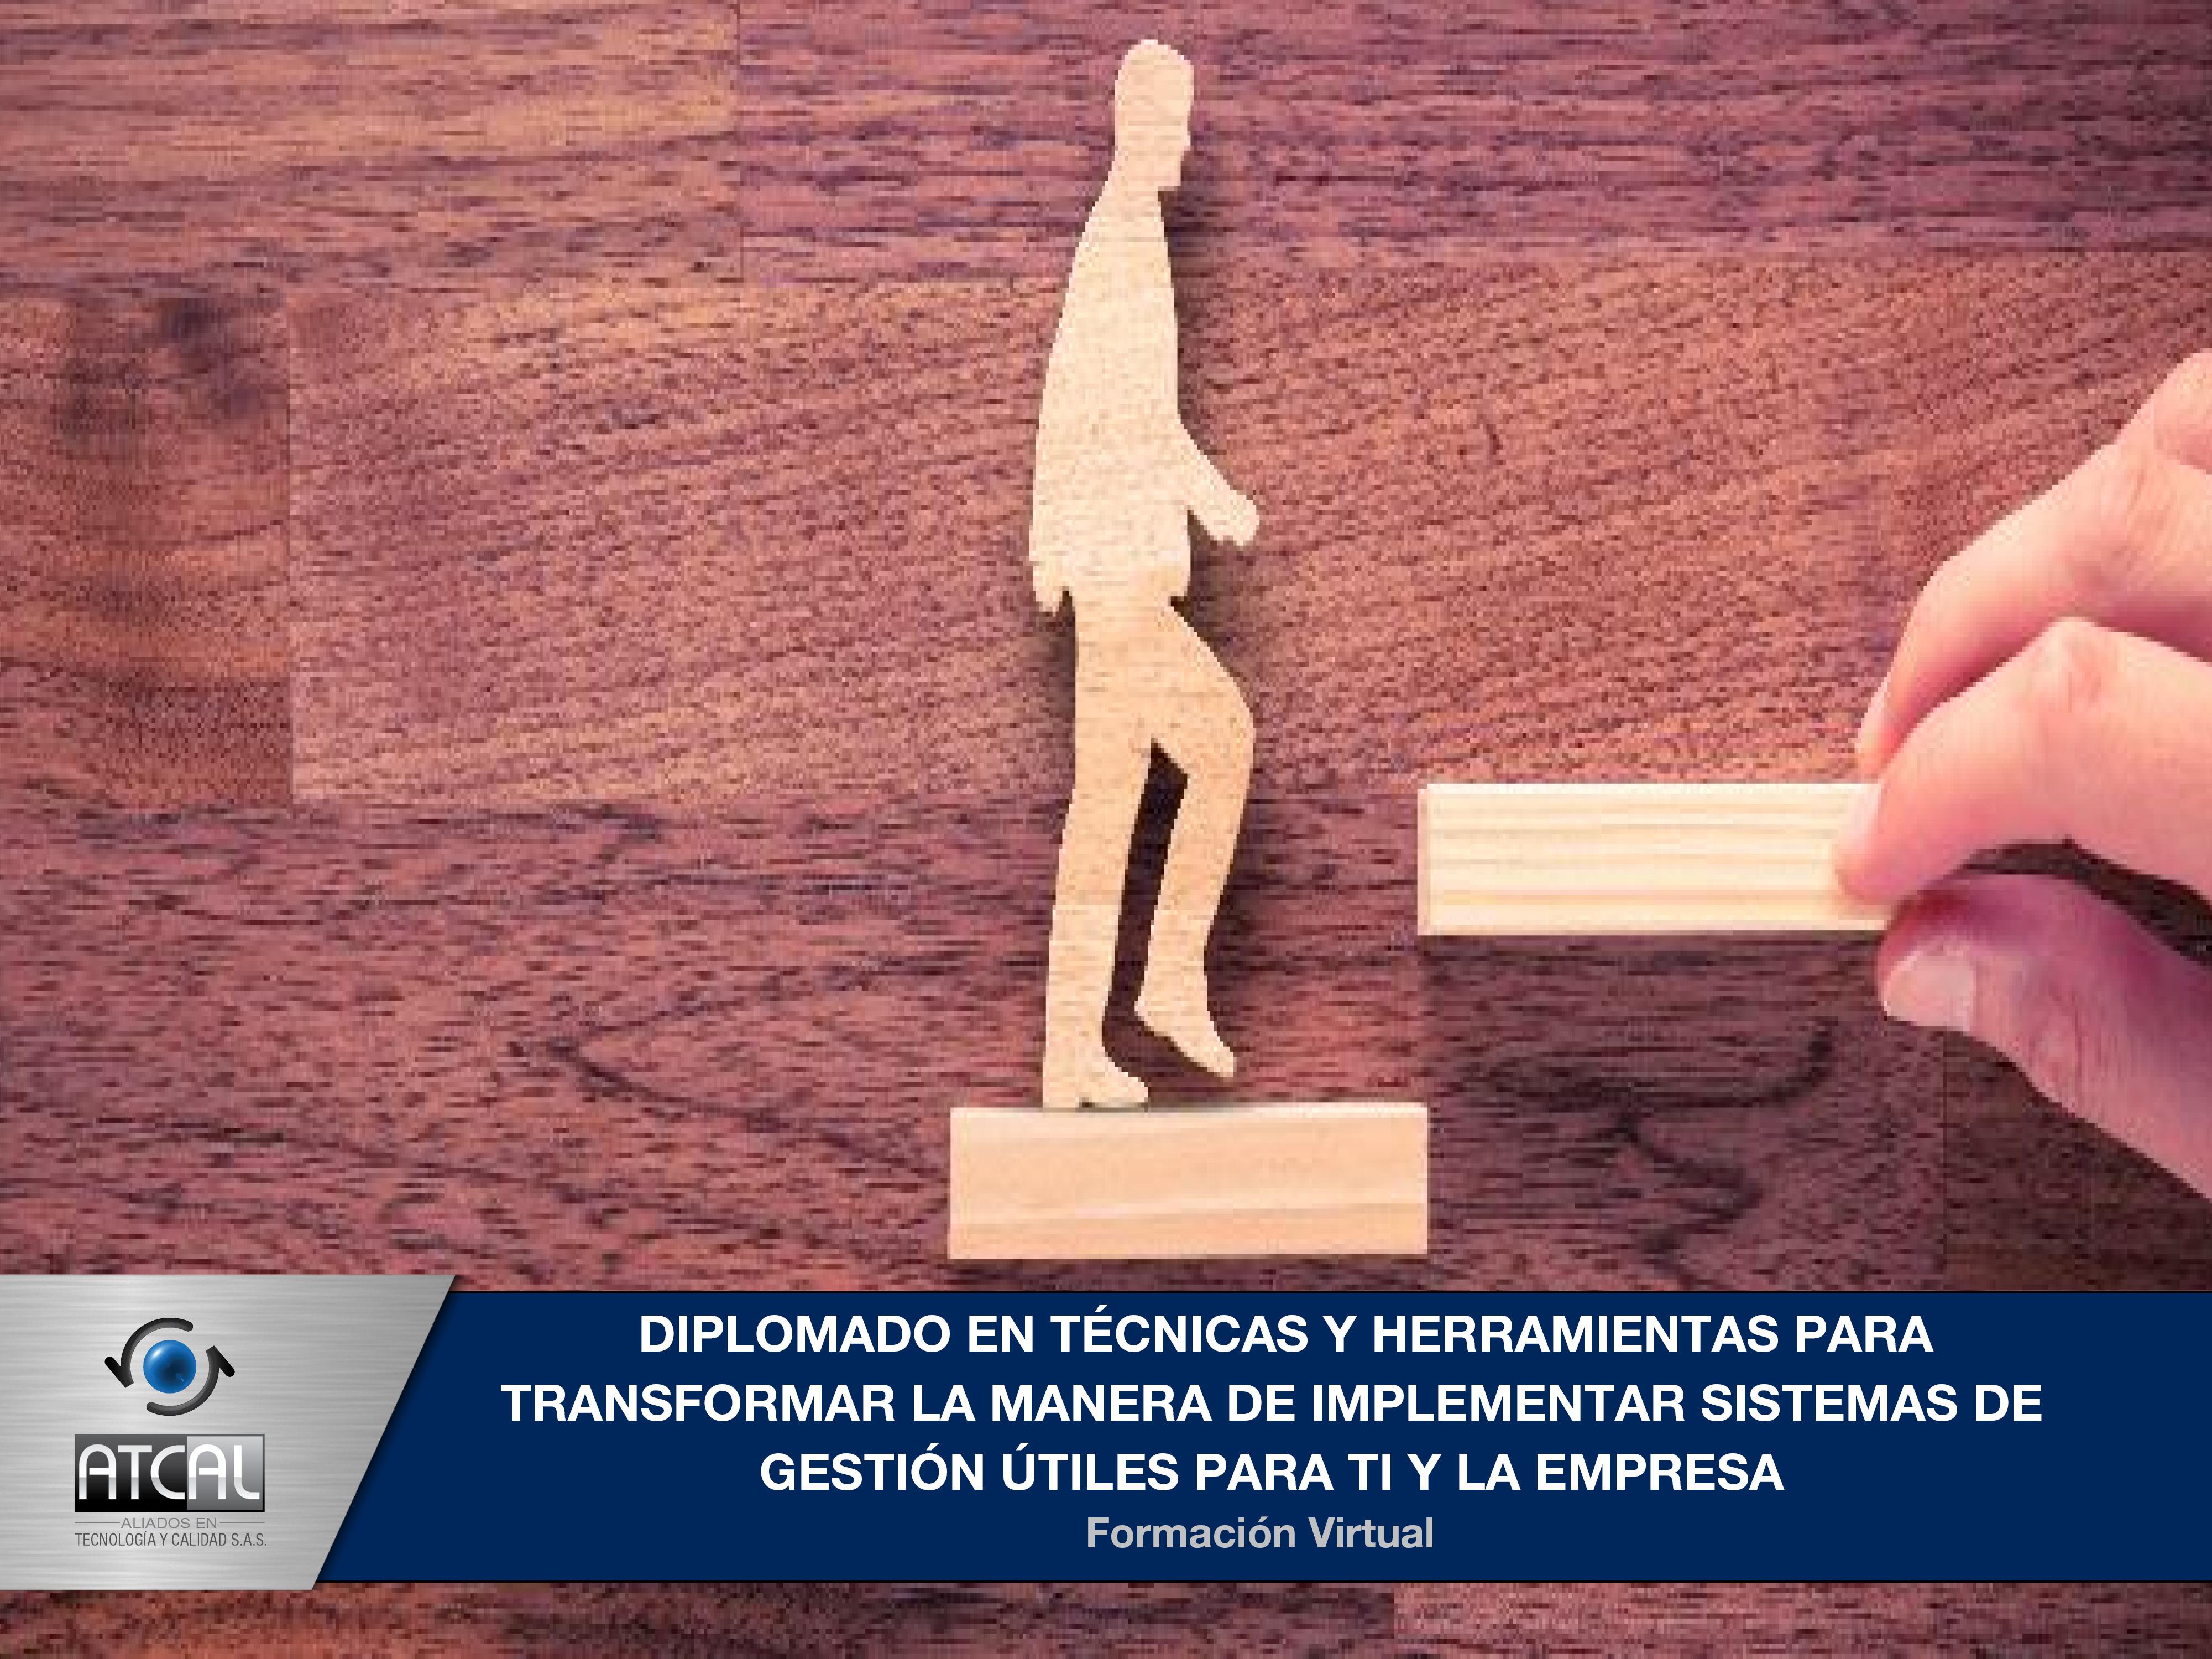 Diplomado en Técnicas y Herramientas para Transformar la Manera de Implementar Sistemas de Gestión Útiles para ti y para la Empresa Parte 3